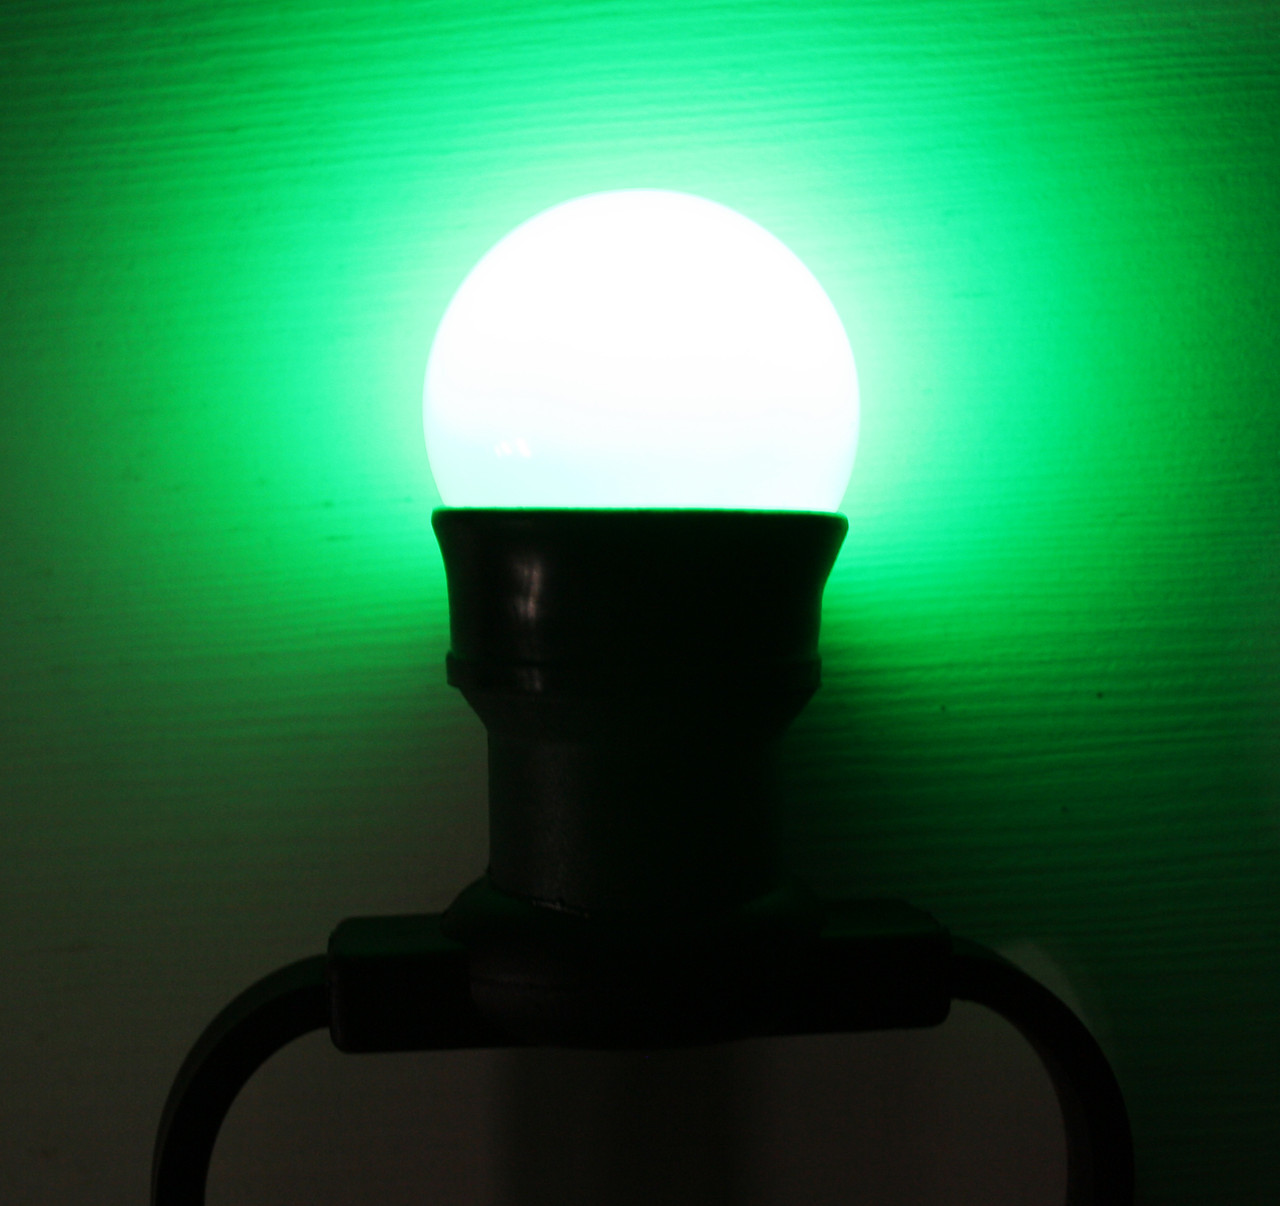 Уличная лампа для гирлянды Lumion Belt Light String (Белт лайт стринг) наружная цвет зеленый